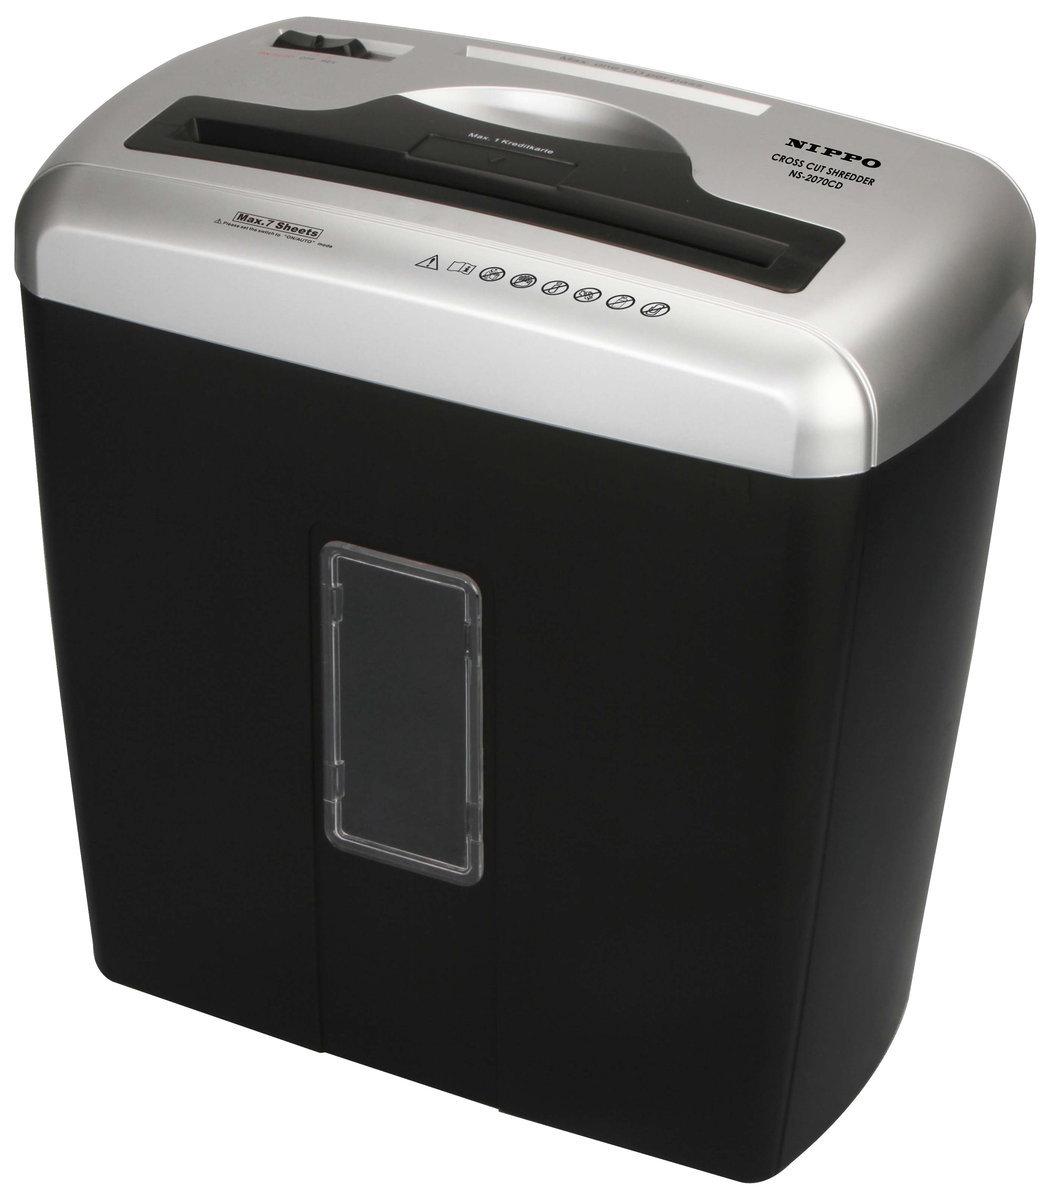 NS-2070CD 商用碎紙機